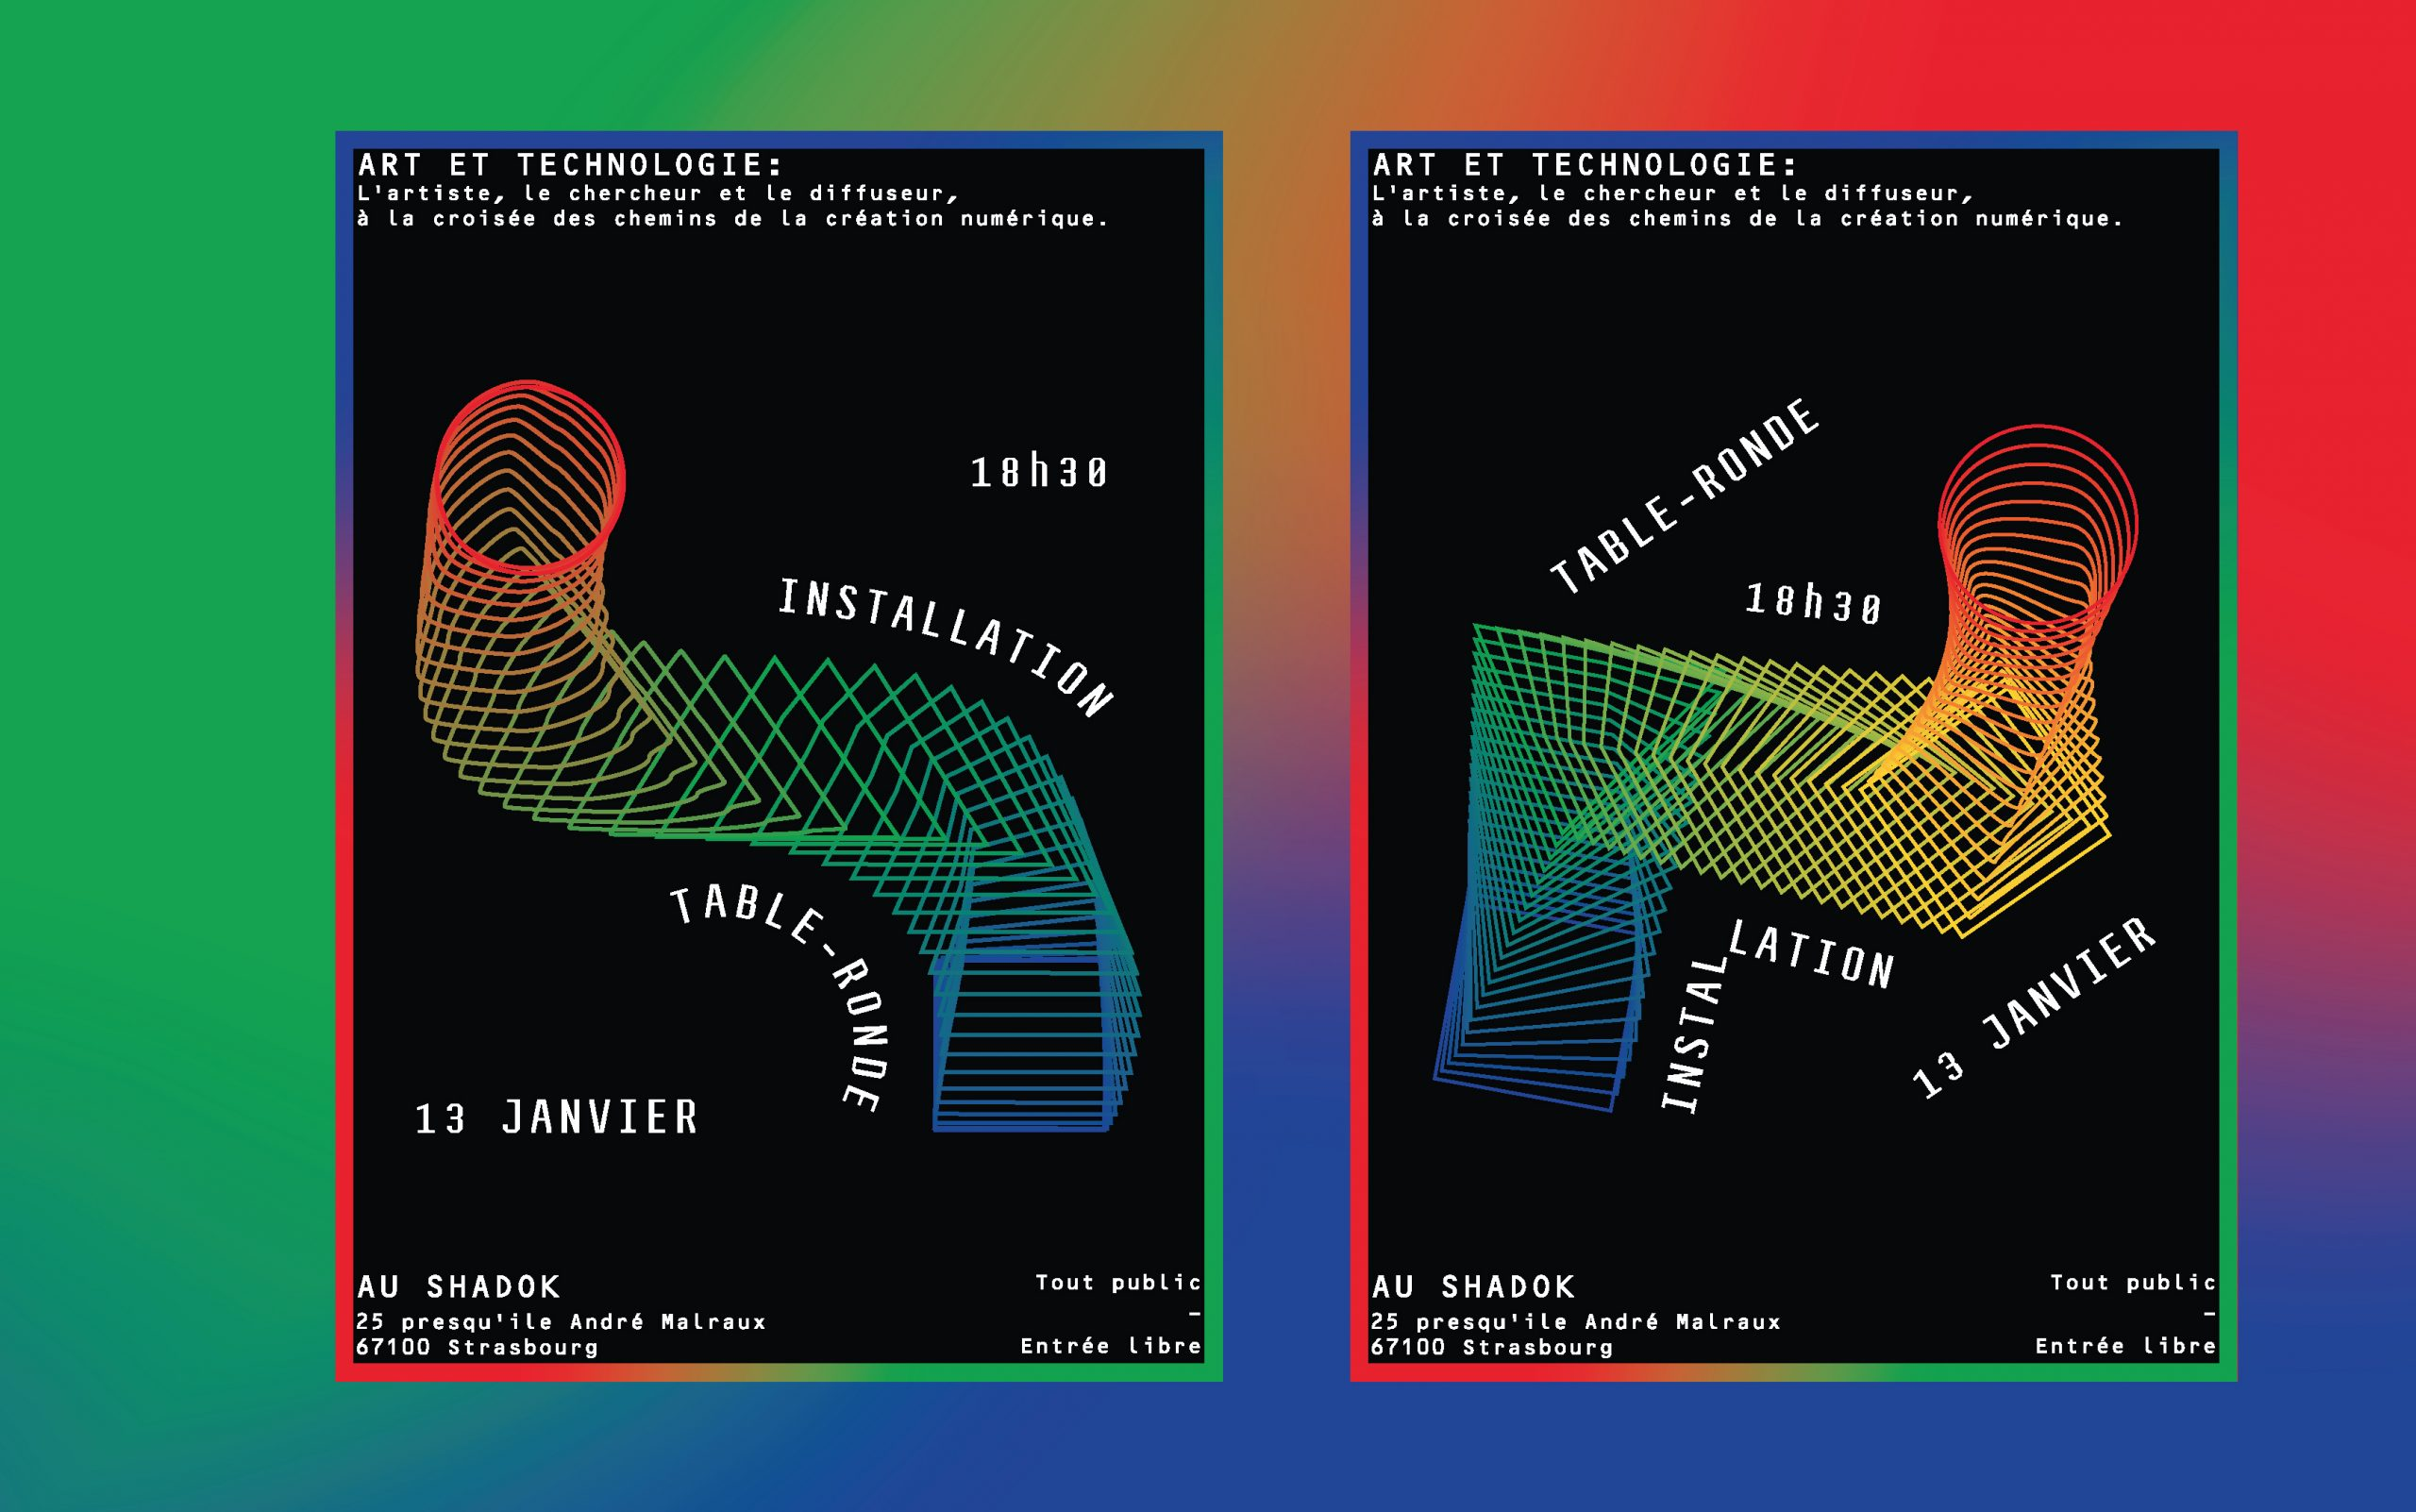 Affiches Art et Technologie au Shadok